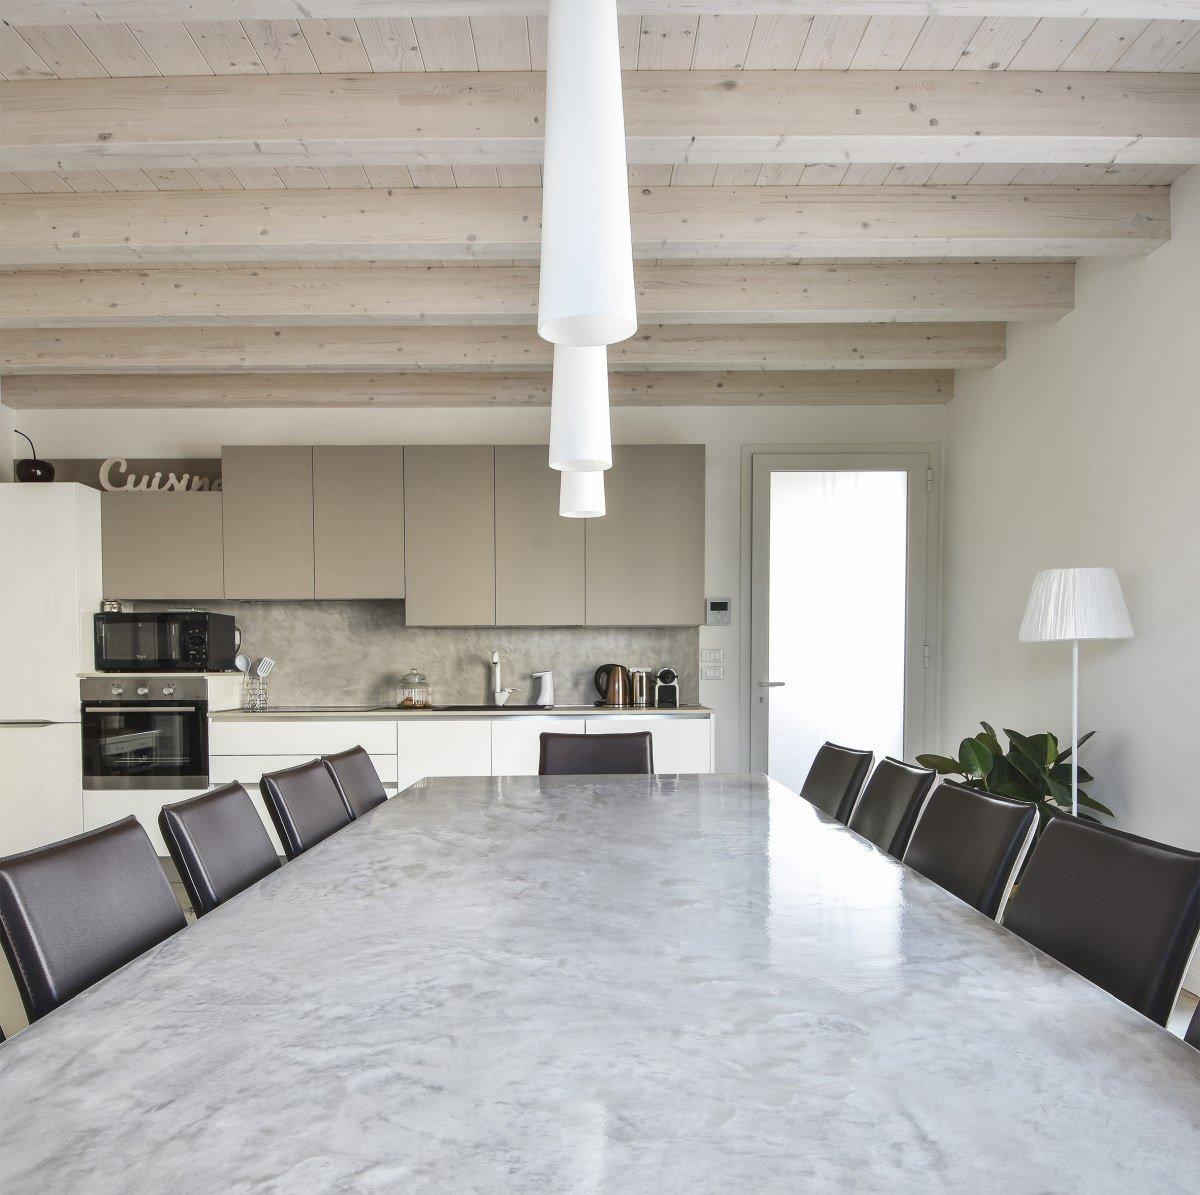 cemento creativo eco-friendly per tavolo e parete